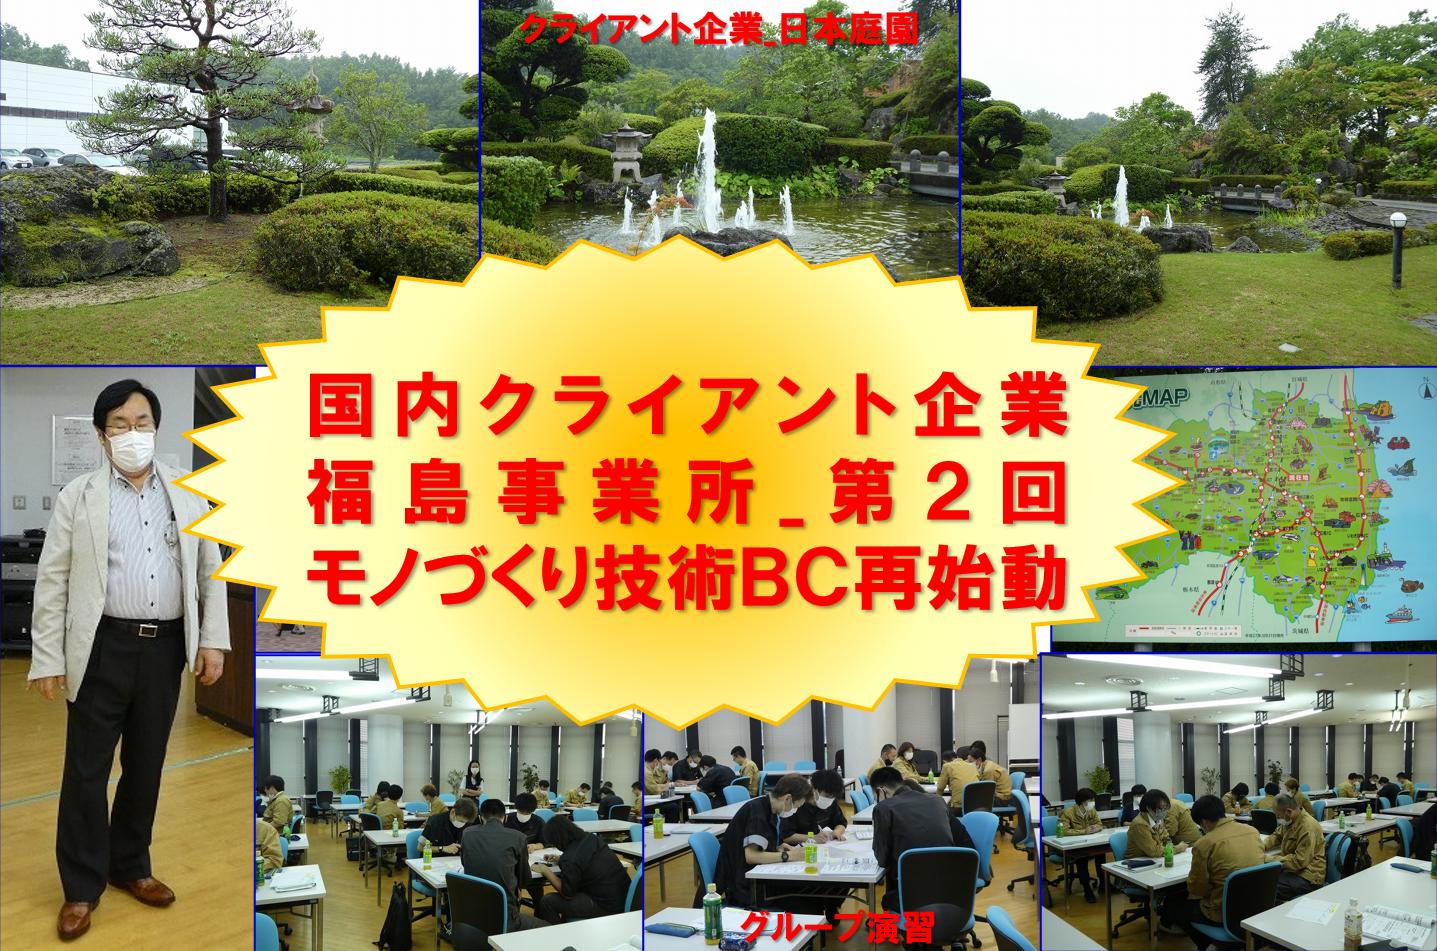 20_07_04_国内クライアント企業_福島事業所_第2回モノづくり技術BC再始動_AA